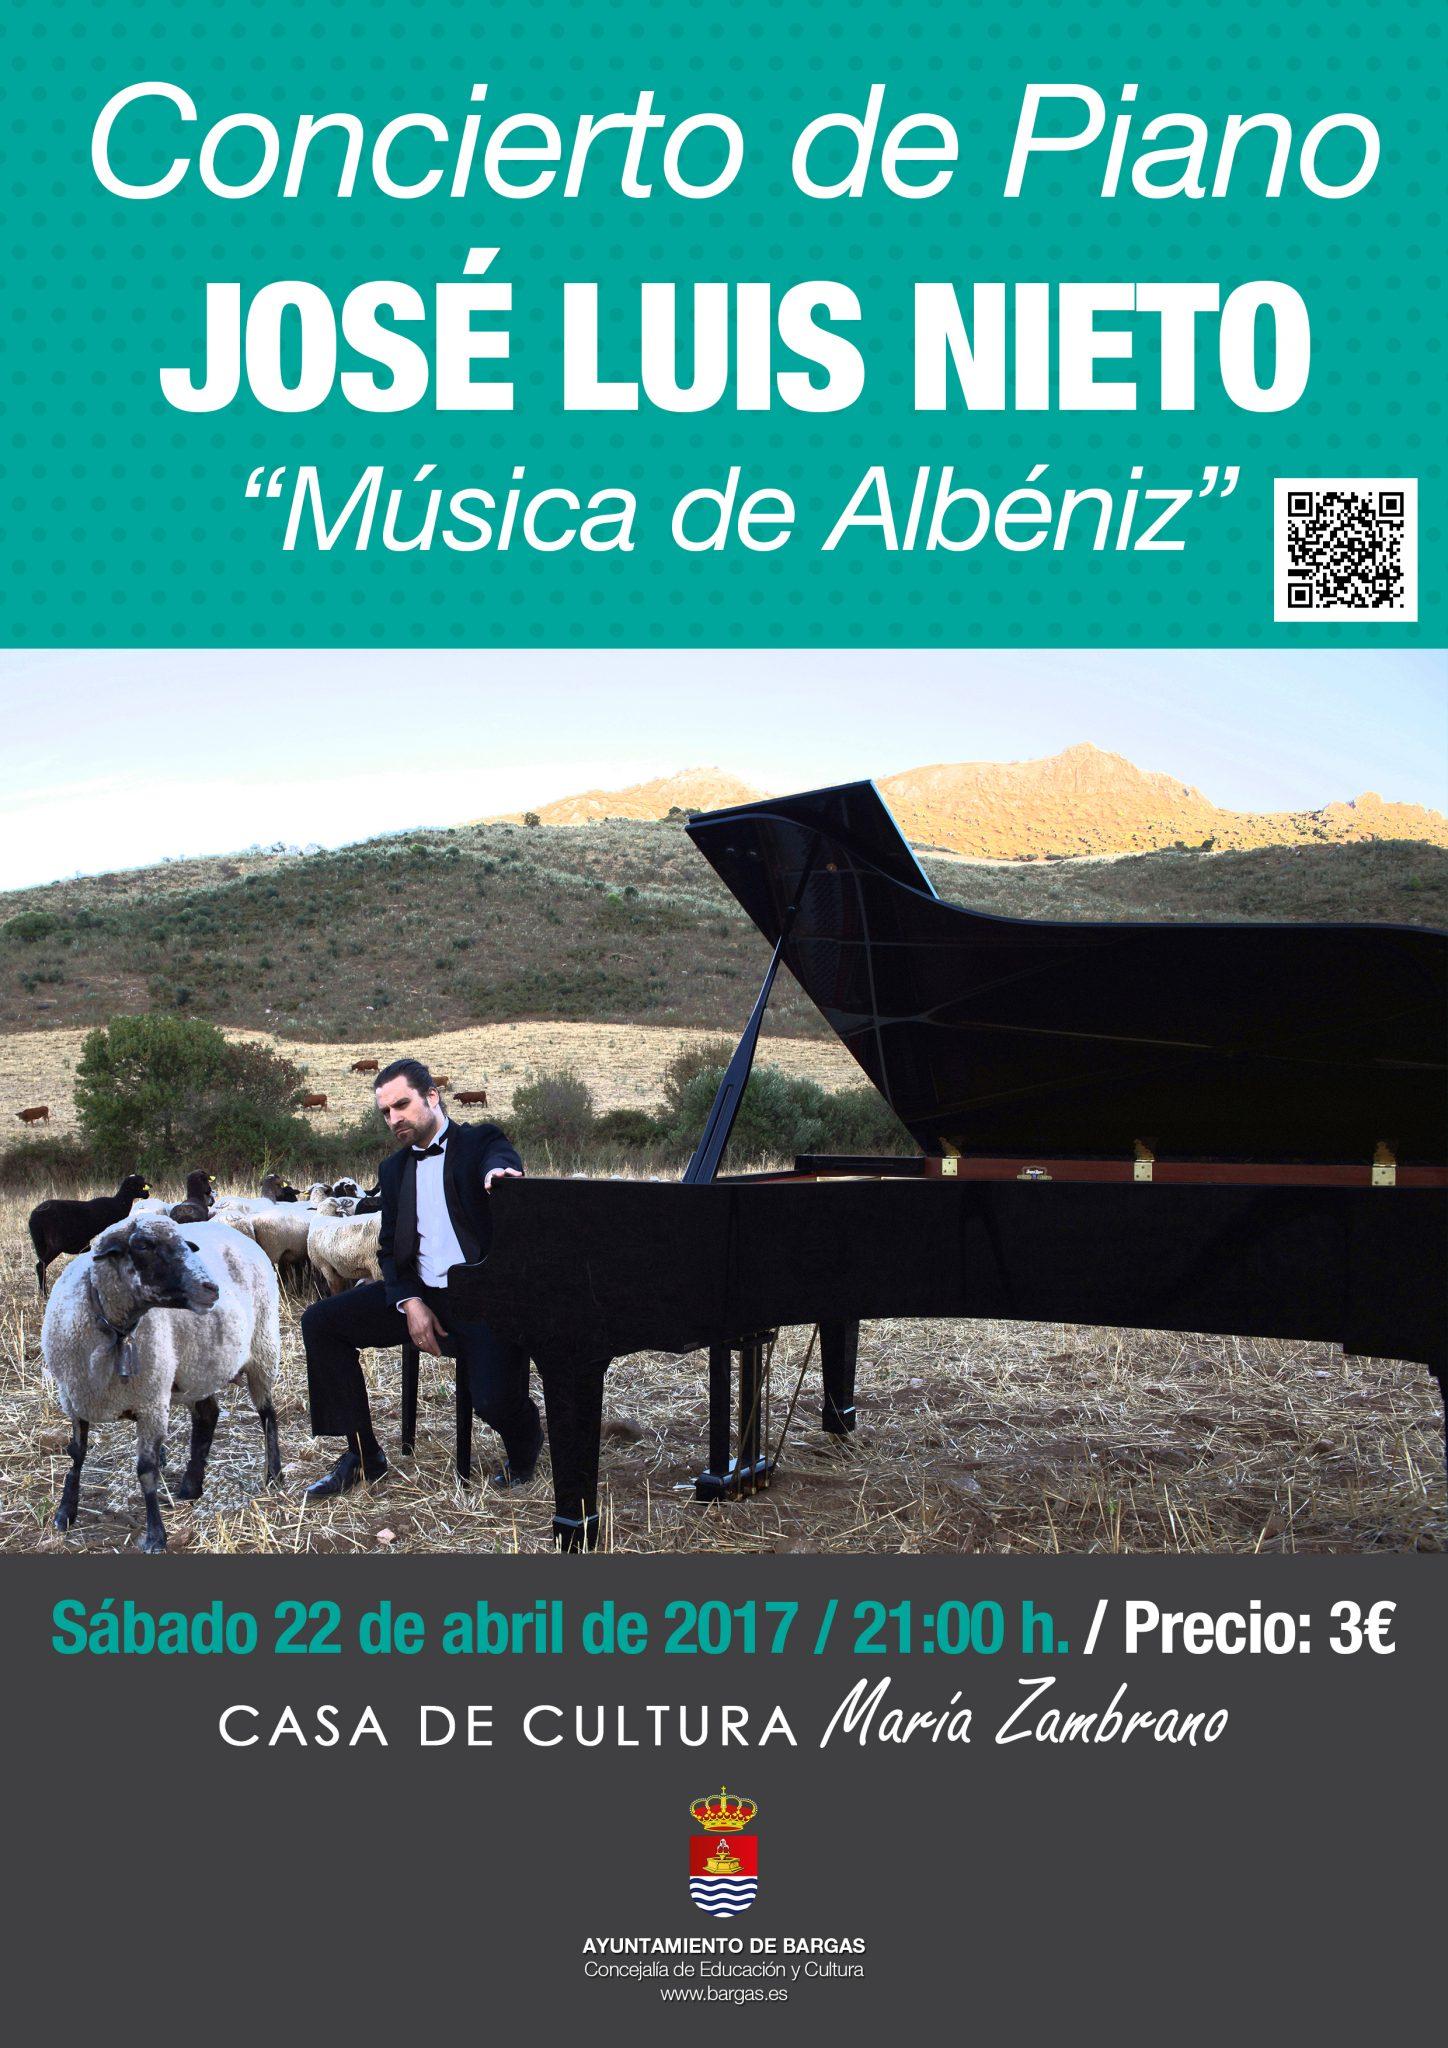 Concierto de Piano: José Luis Nieto. Música de Albéniz.